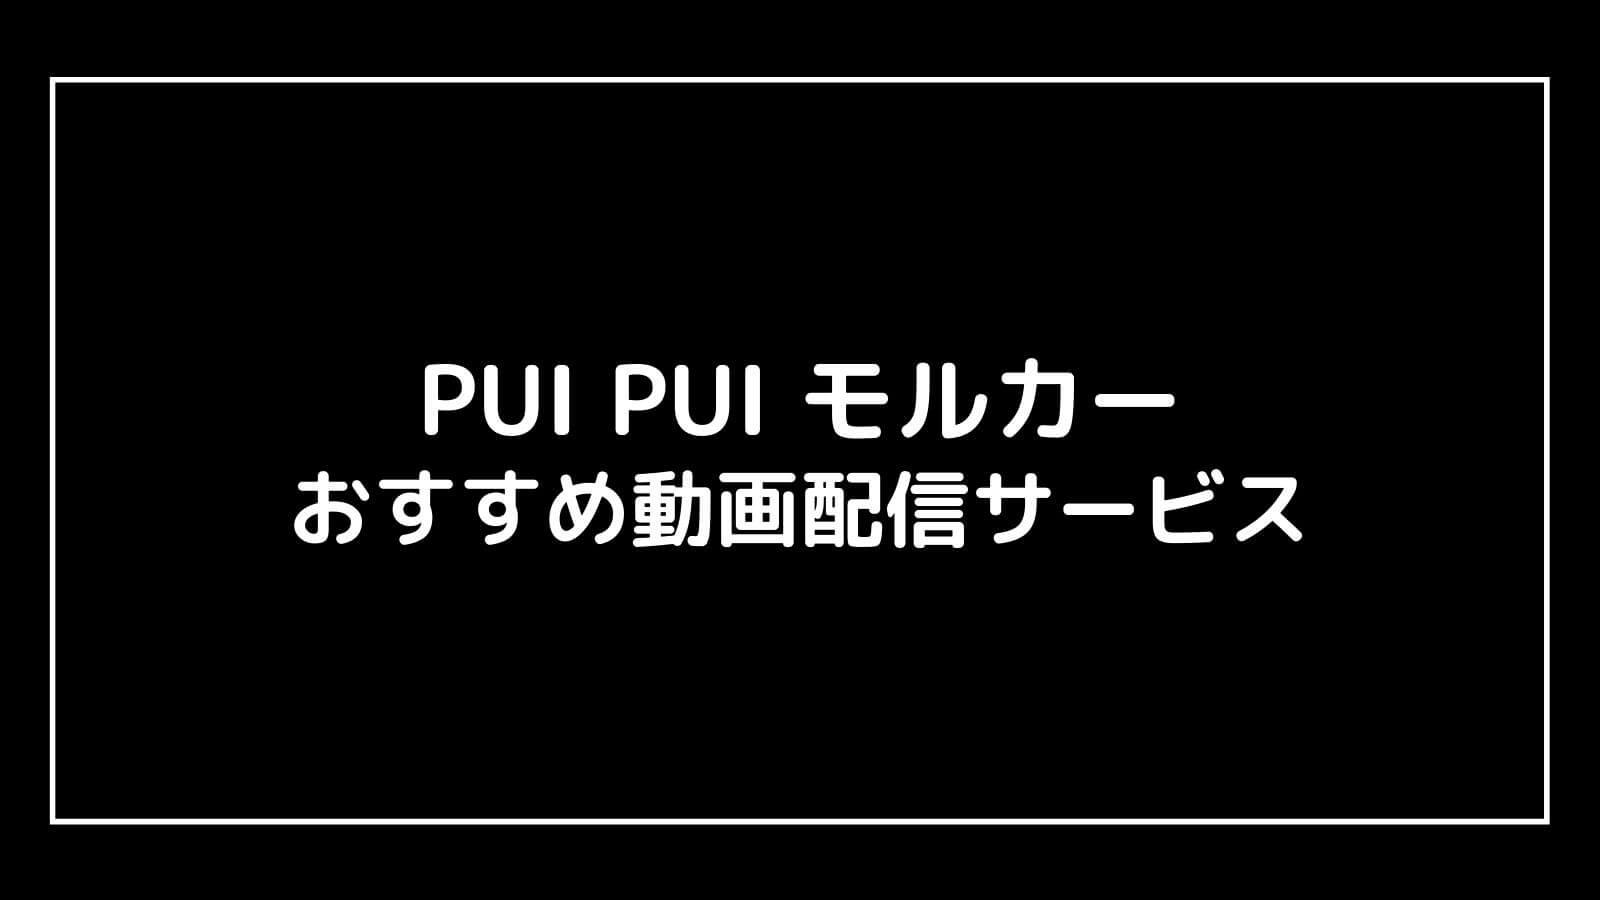 映画『PUI PUI モルカー』の無料映画配信を視聴できるおすすめ動画配信サイト